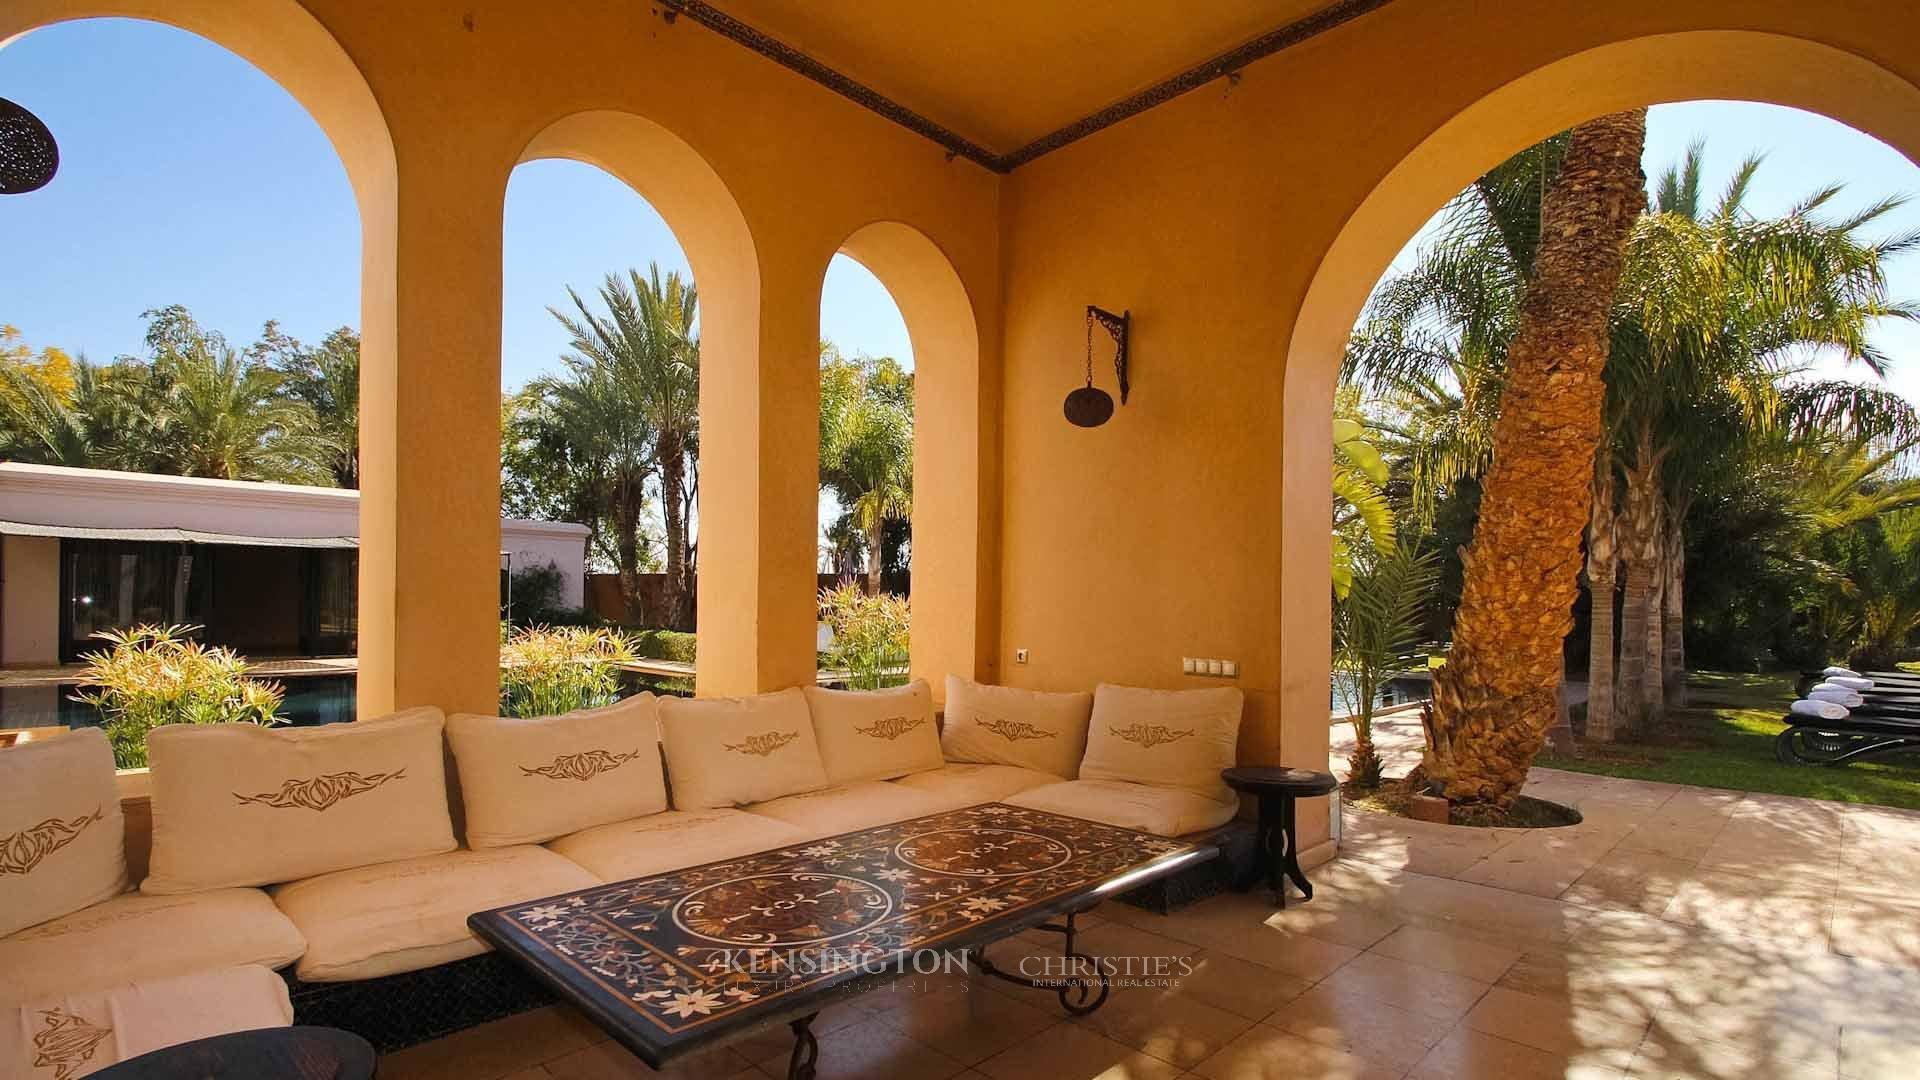 KPPM01174: Villa Essi Luxury Villa Marrakech Morocco